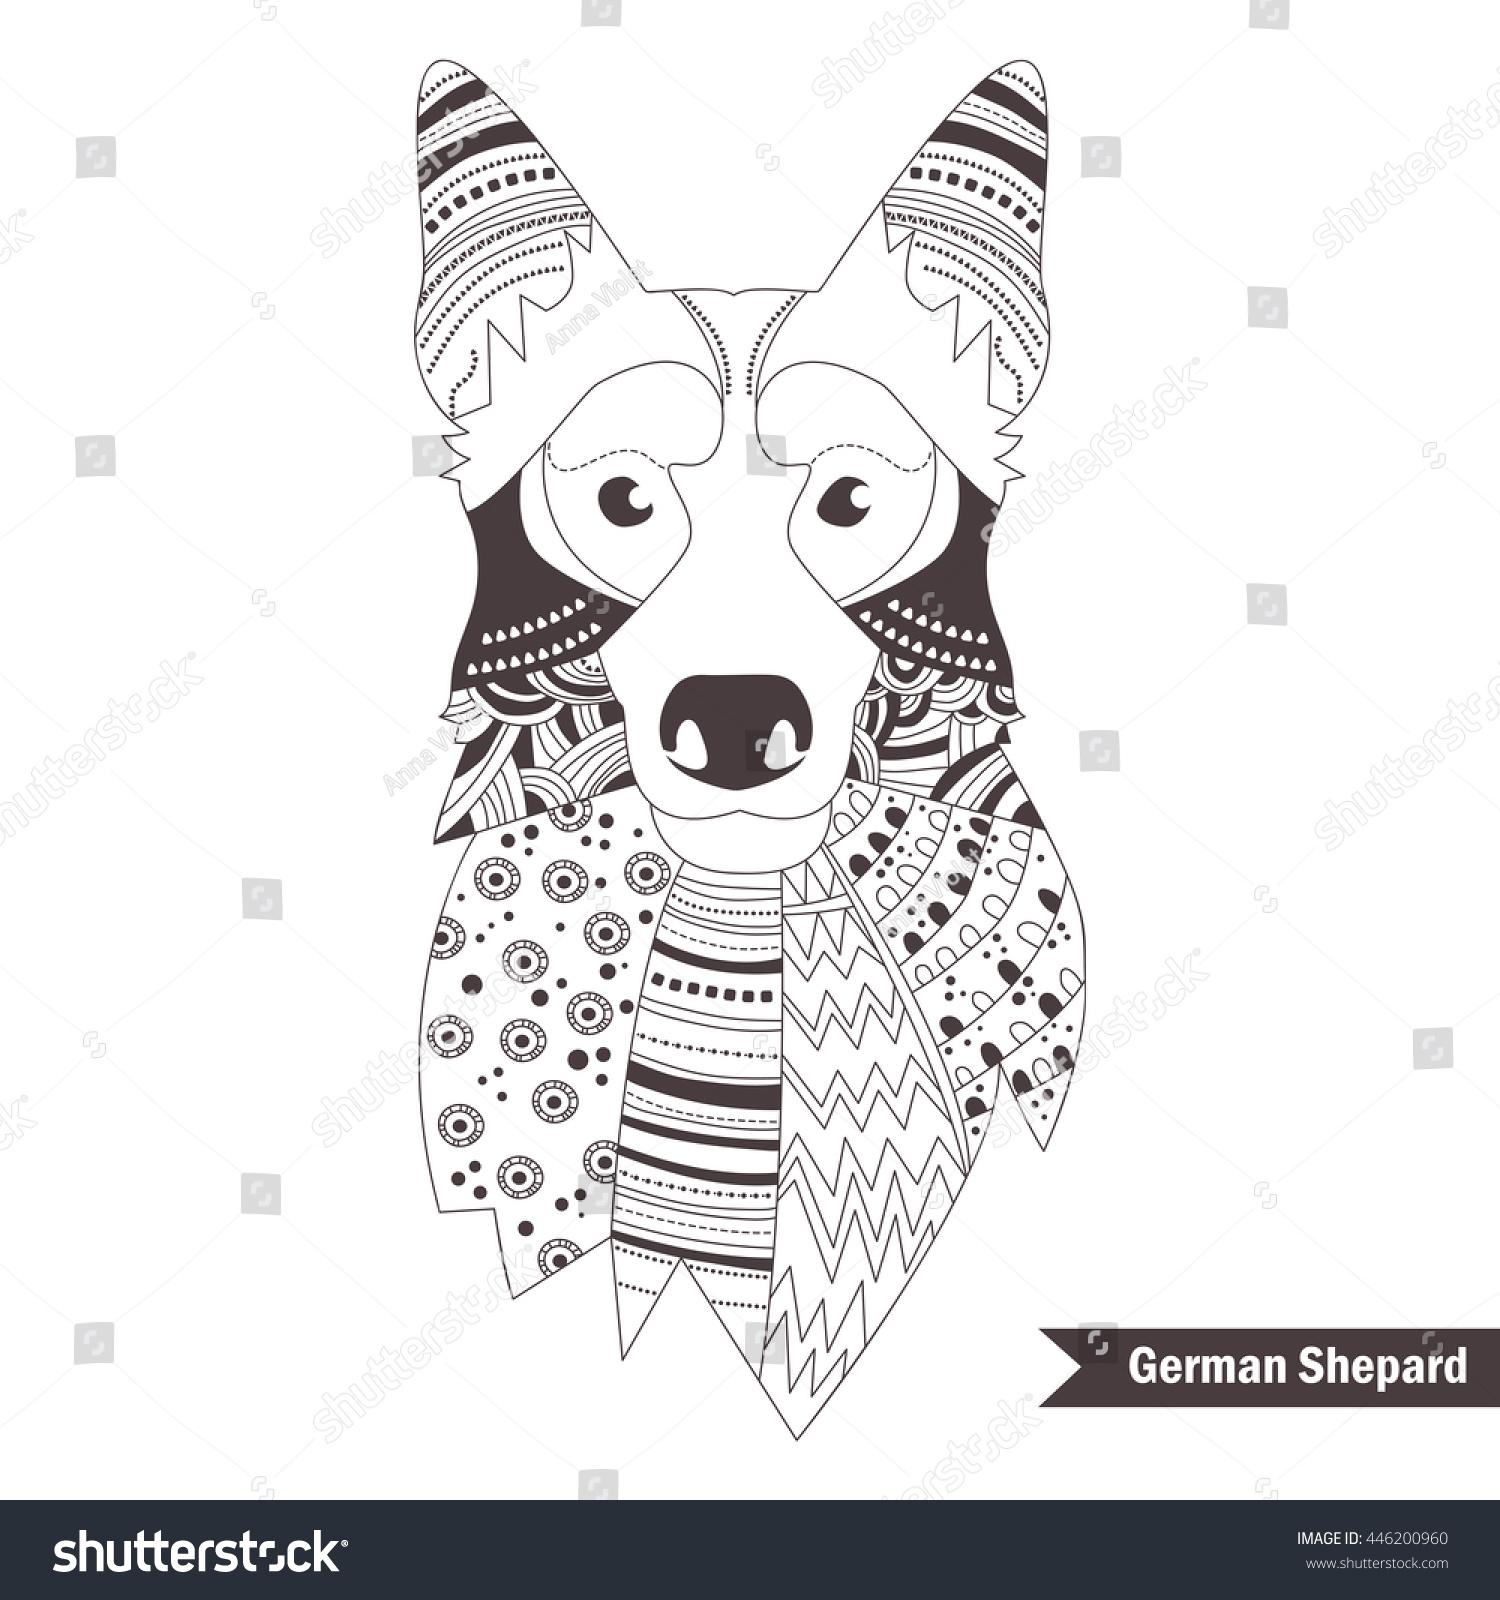 german shepherd zentangle style coloring book stock vector